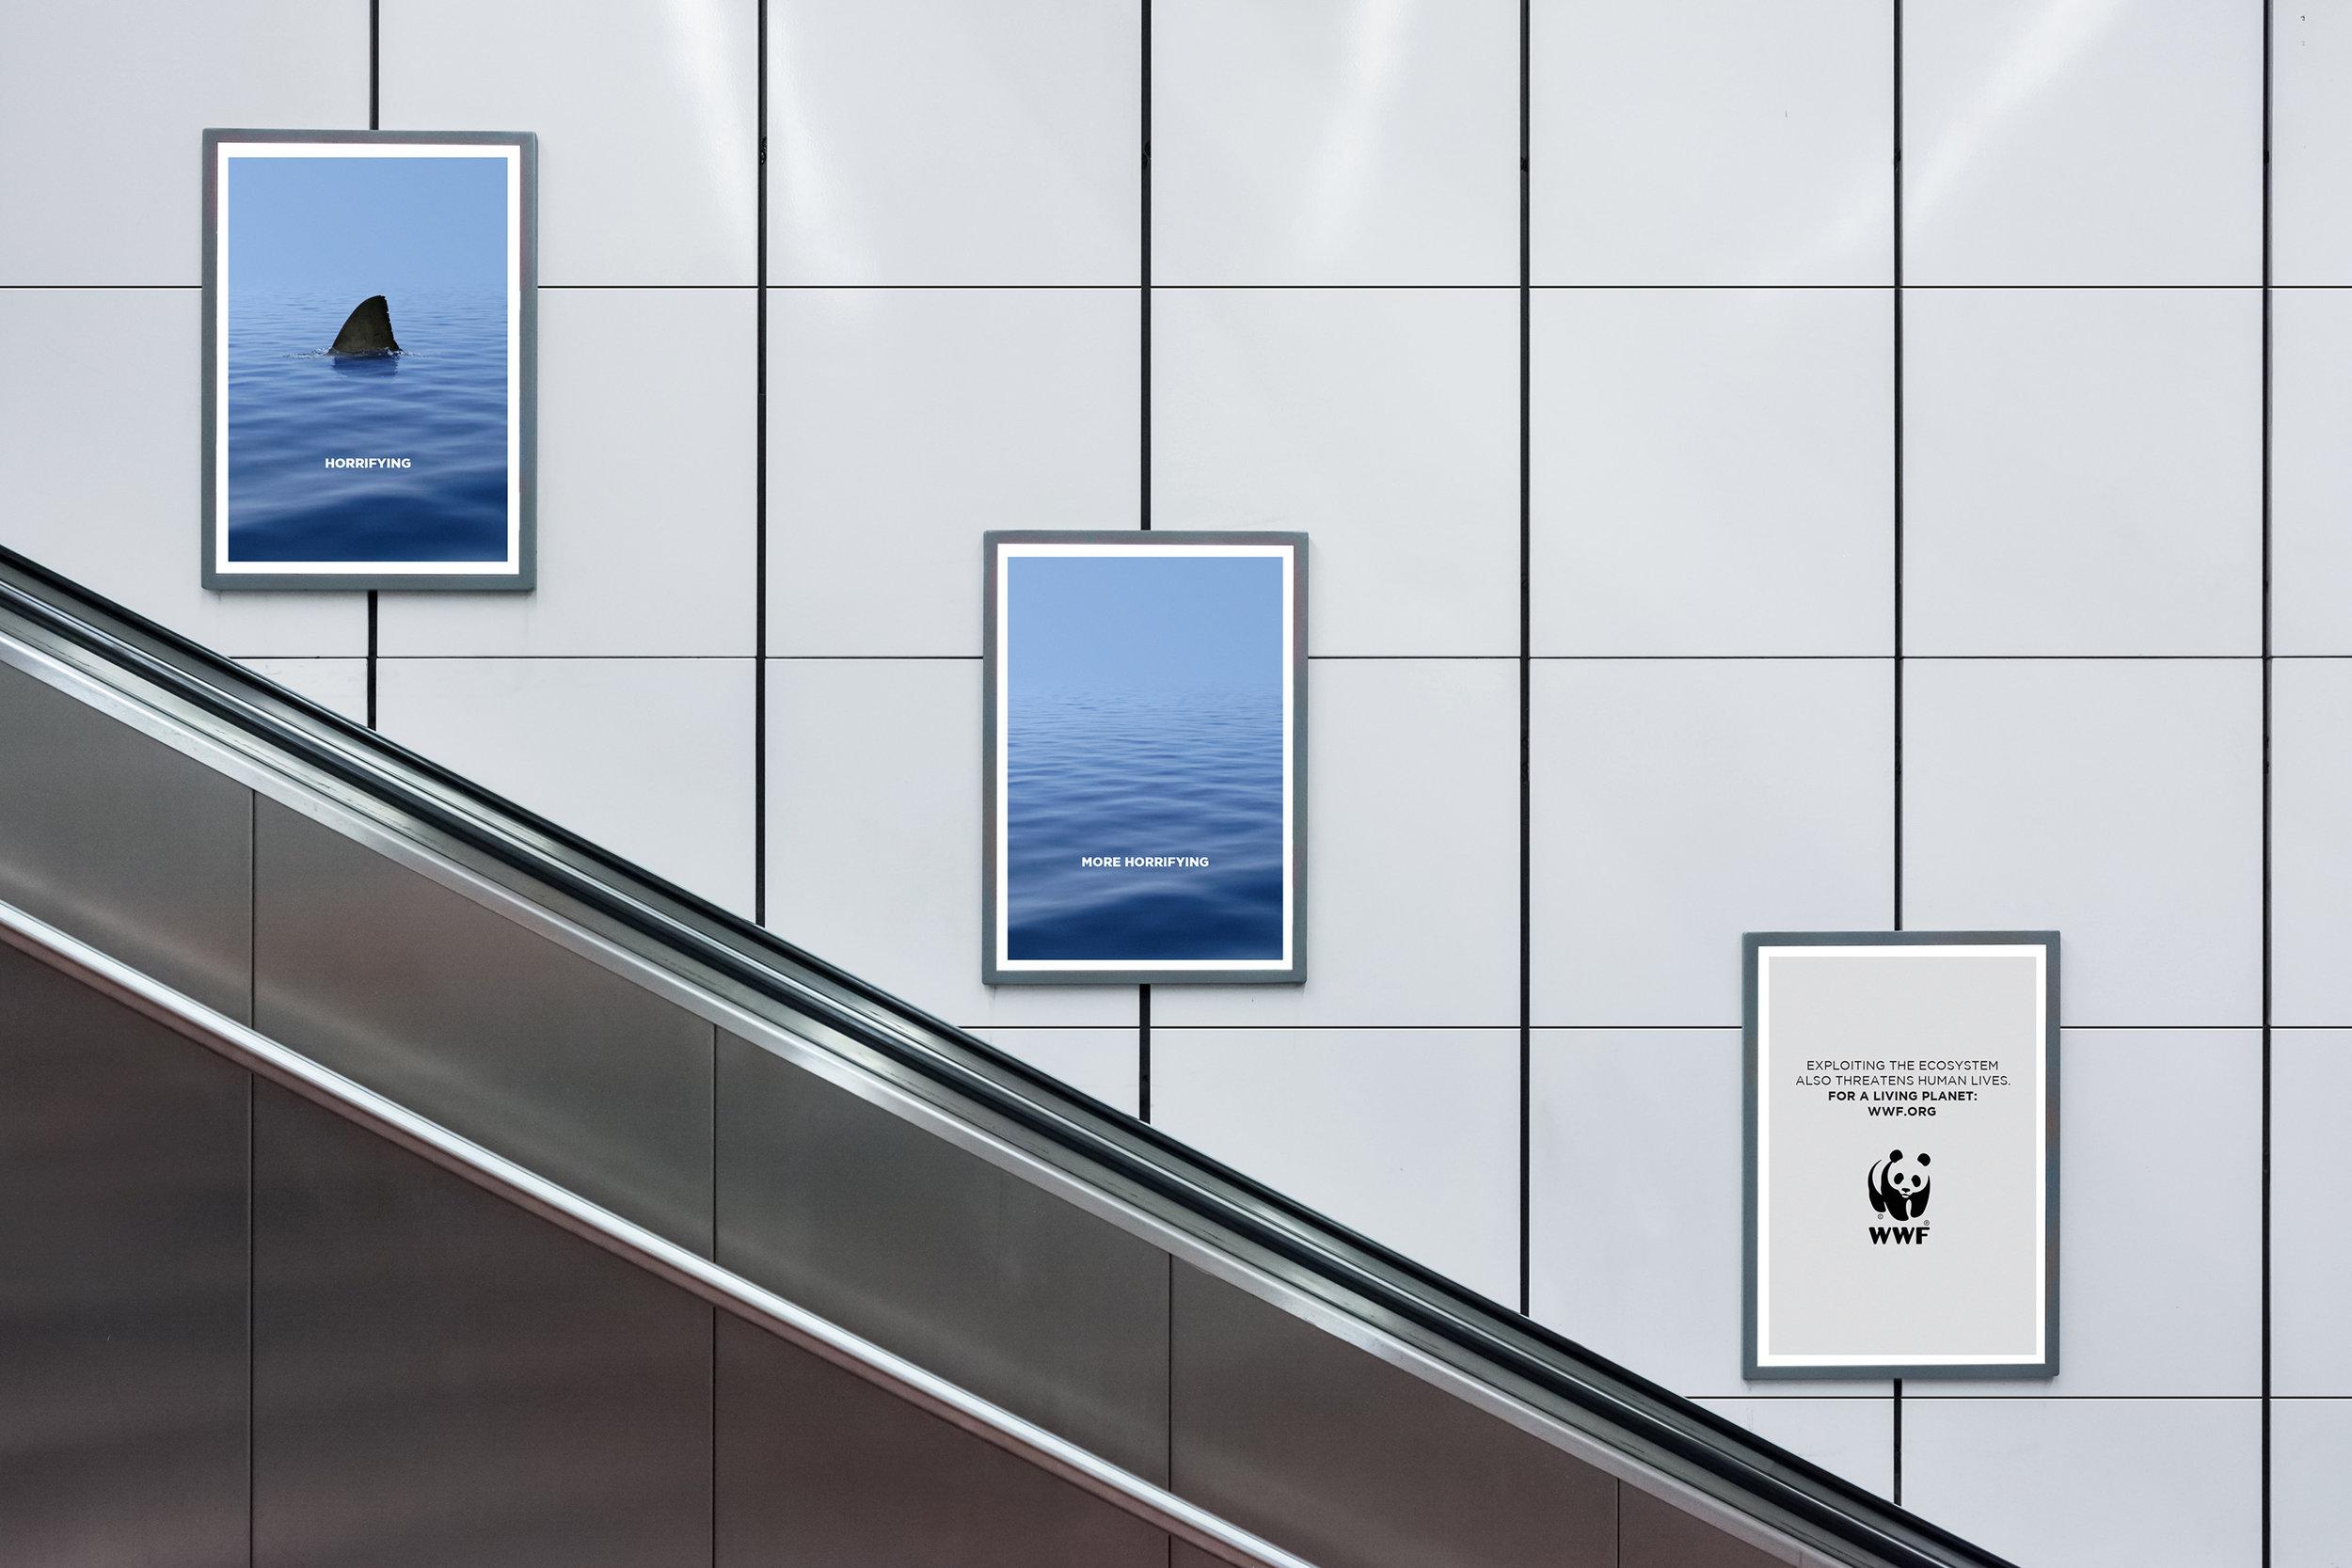 wwf_metro.jpg